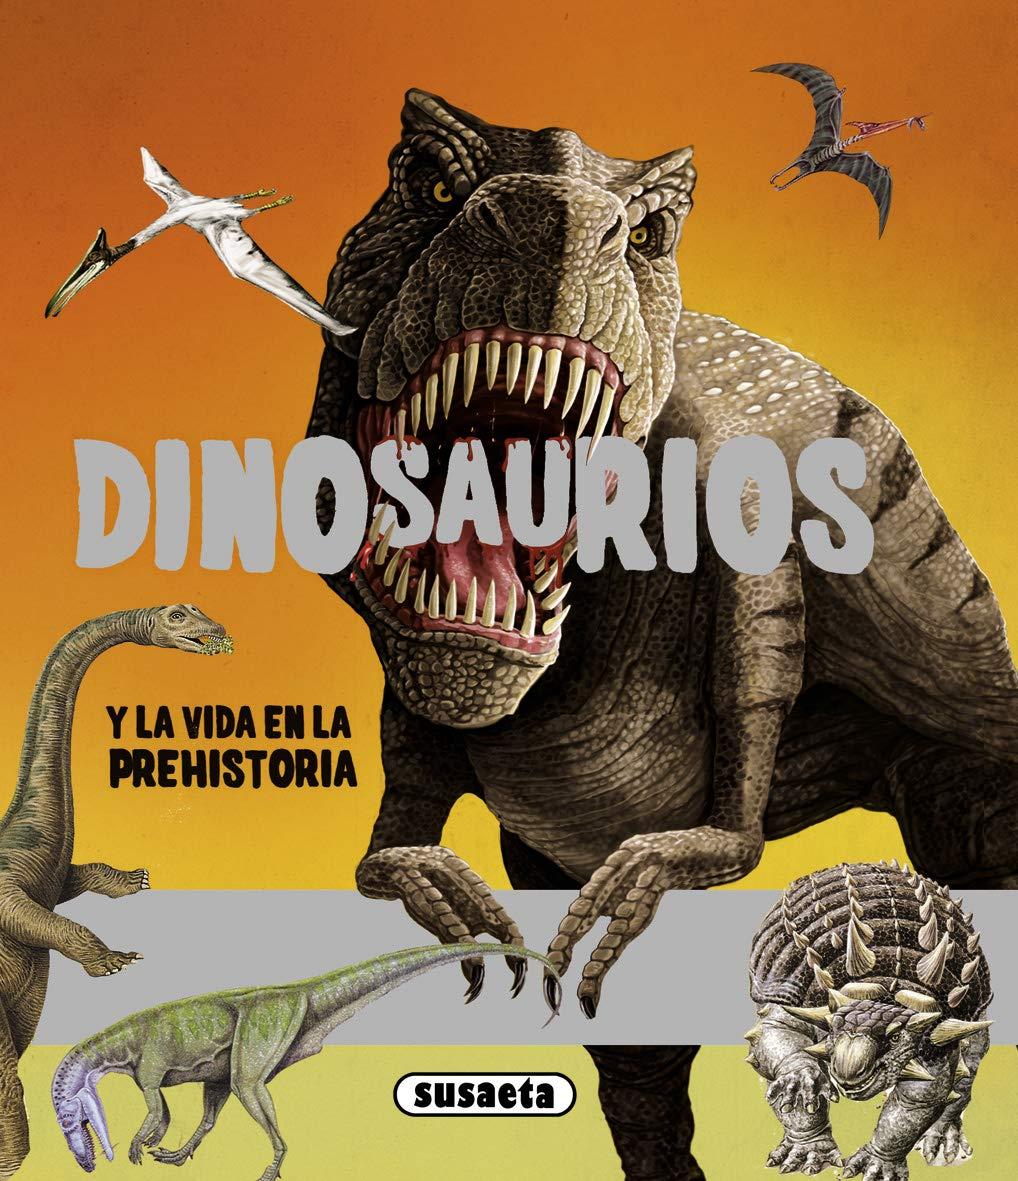 Dinosaurios y La Vida En La Prehistoria Dinosaurios Y Vida Prehistoria: Amazon.es: Susaeta, Equipo, Di Basi, Lidia, Valiente, F., Silva, Sandra: Libros